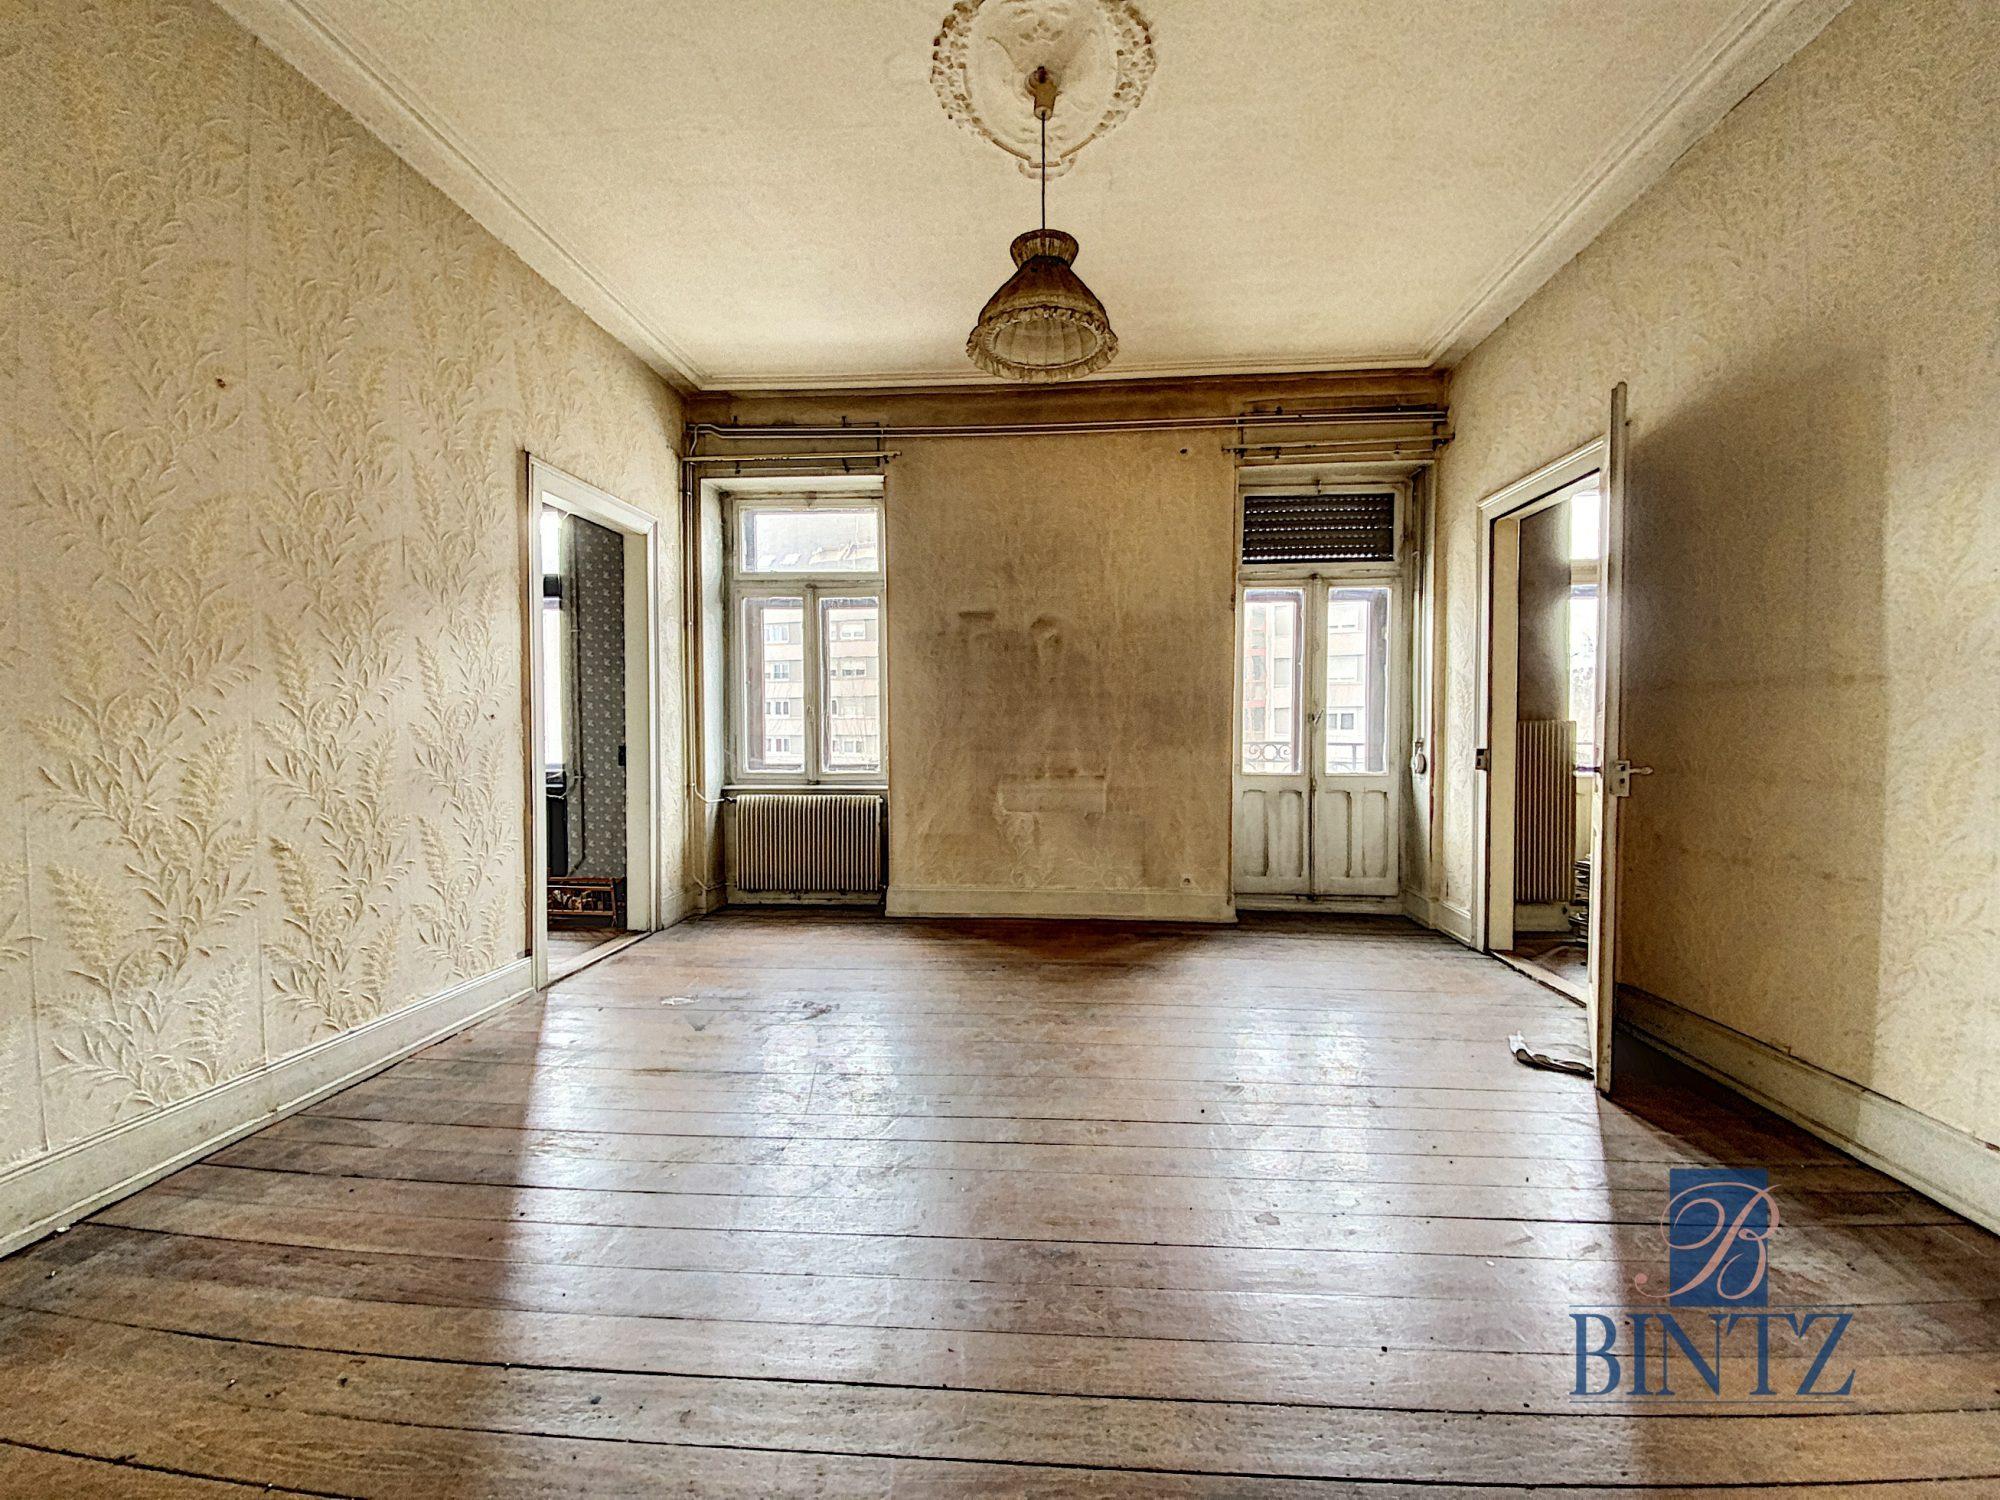 5 pièces à Rénover - Devenez propriétaire en toute confiance - Bintz Immobilier - 1